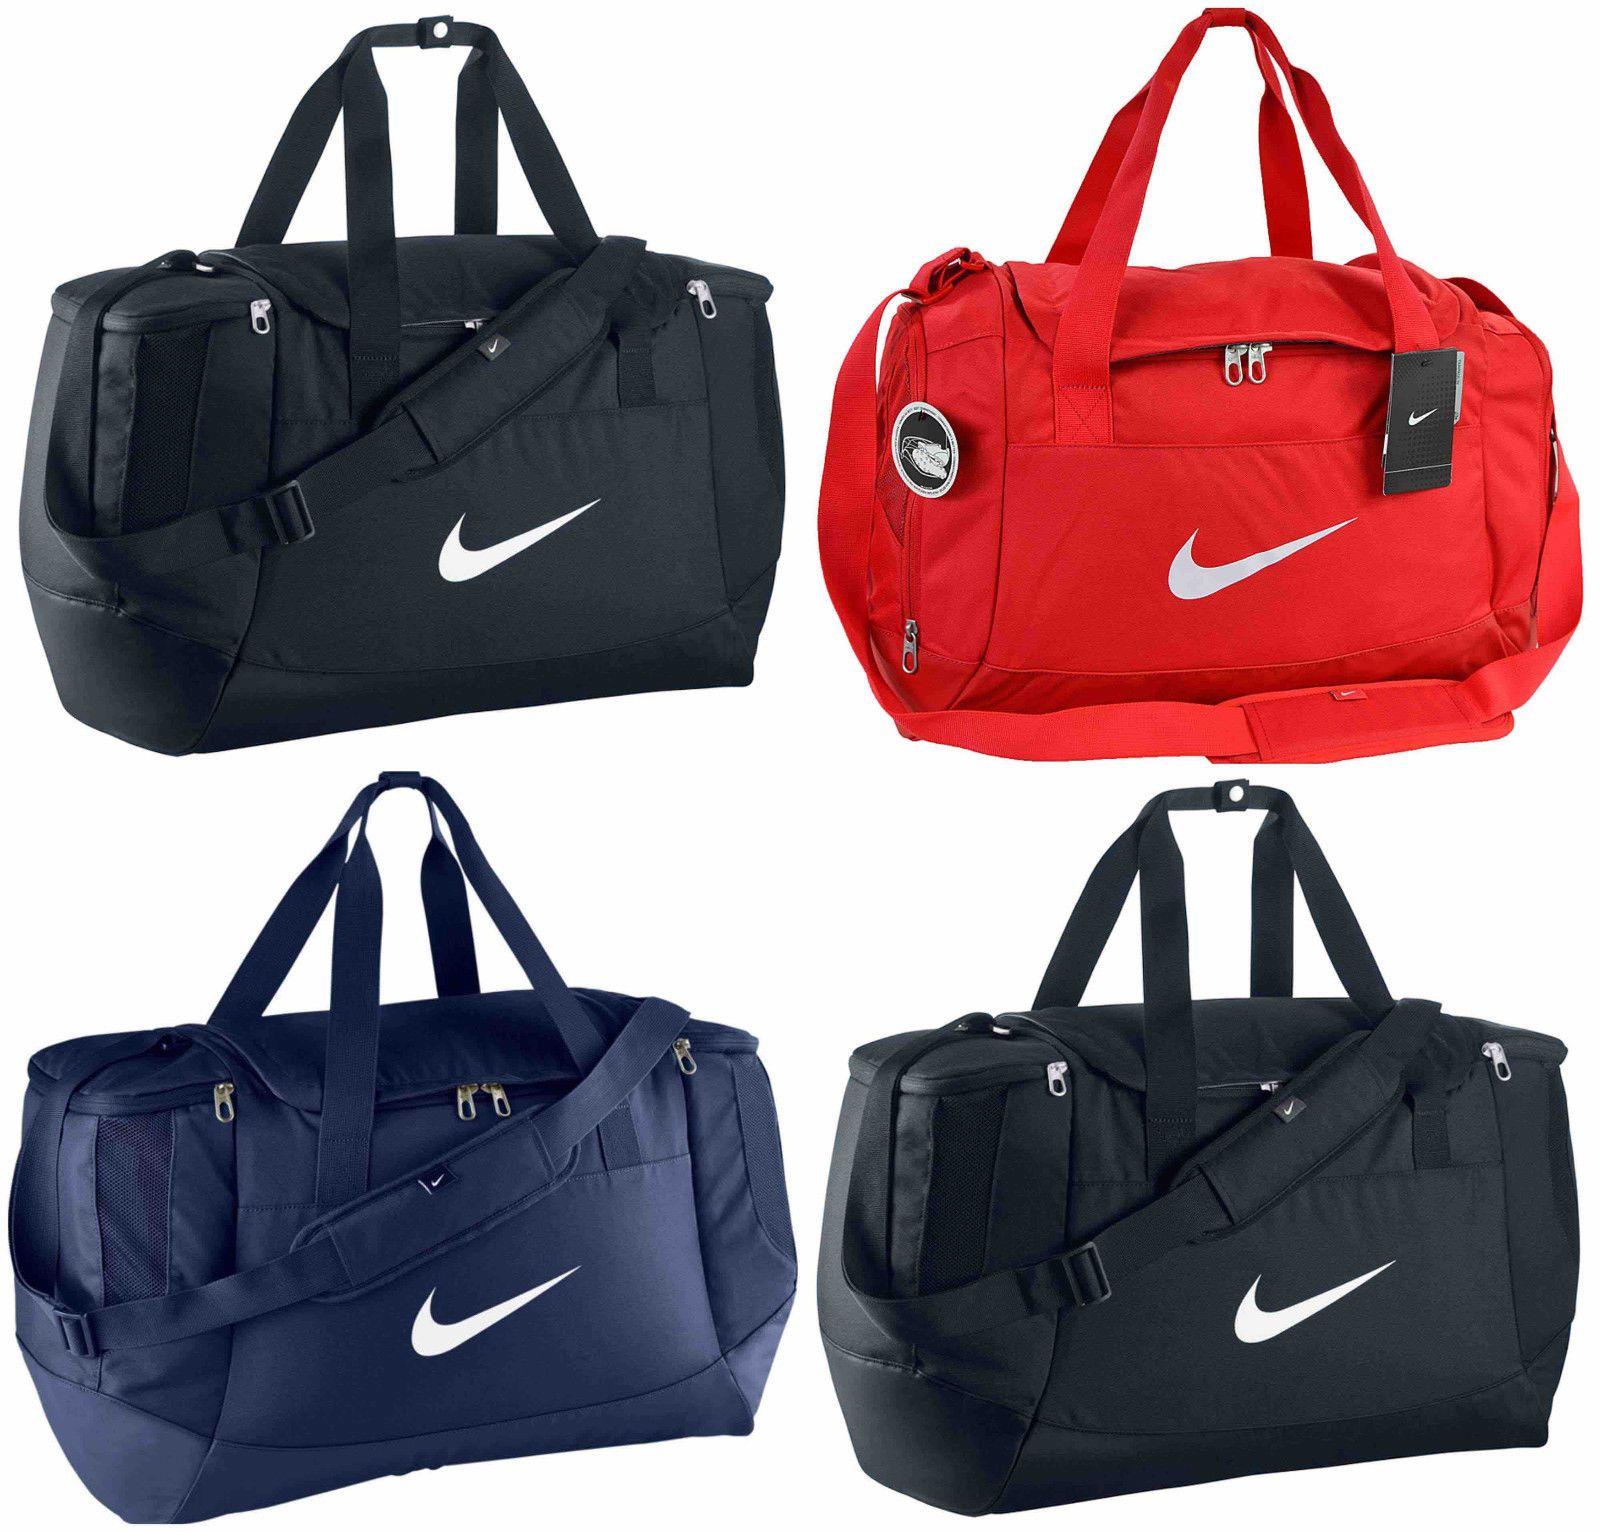 38838849e8 Nike Club Swoosh Team Bag Duffel Sports Holdall Duffle Gym Training Travel  Kit